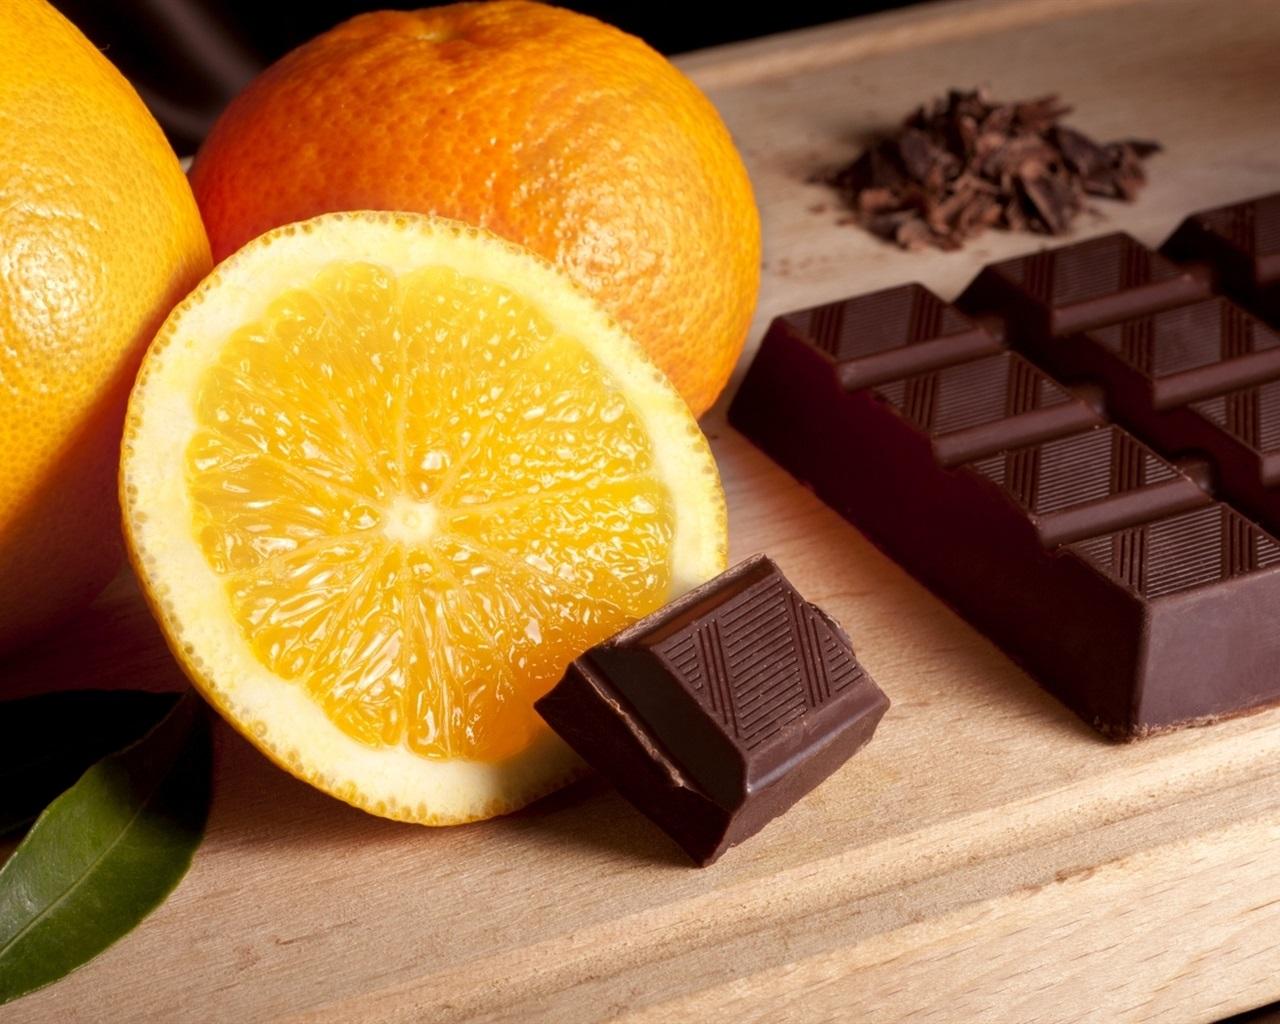 Fondos De Pantalla De Chocolates: Naranjas Y Chocolate Fondos De Pantalla